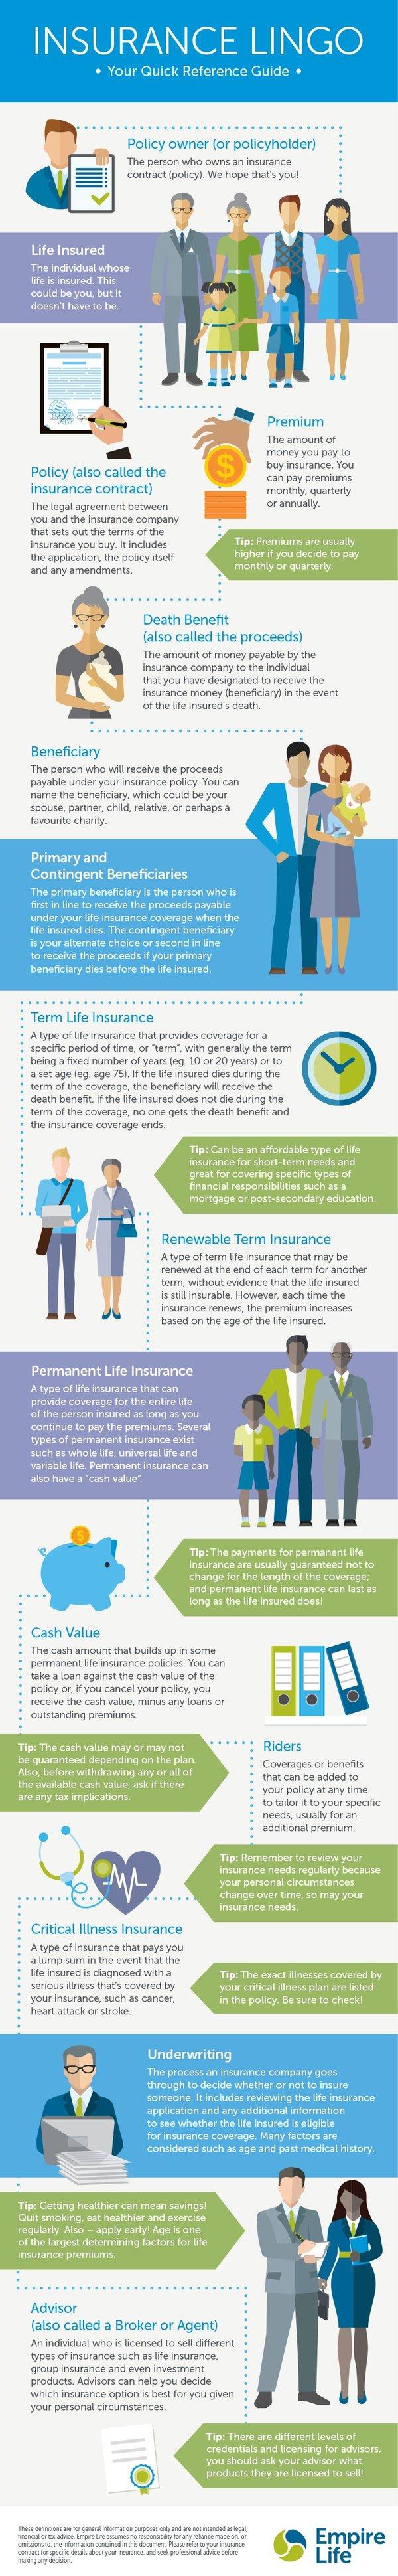 EN-InsuranceLingo-Infographic-1